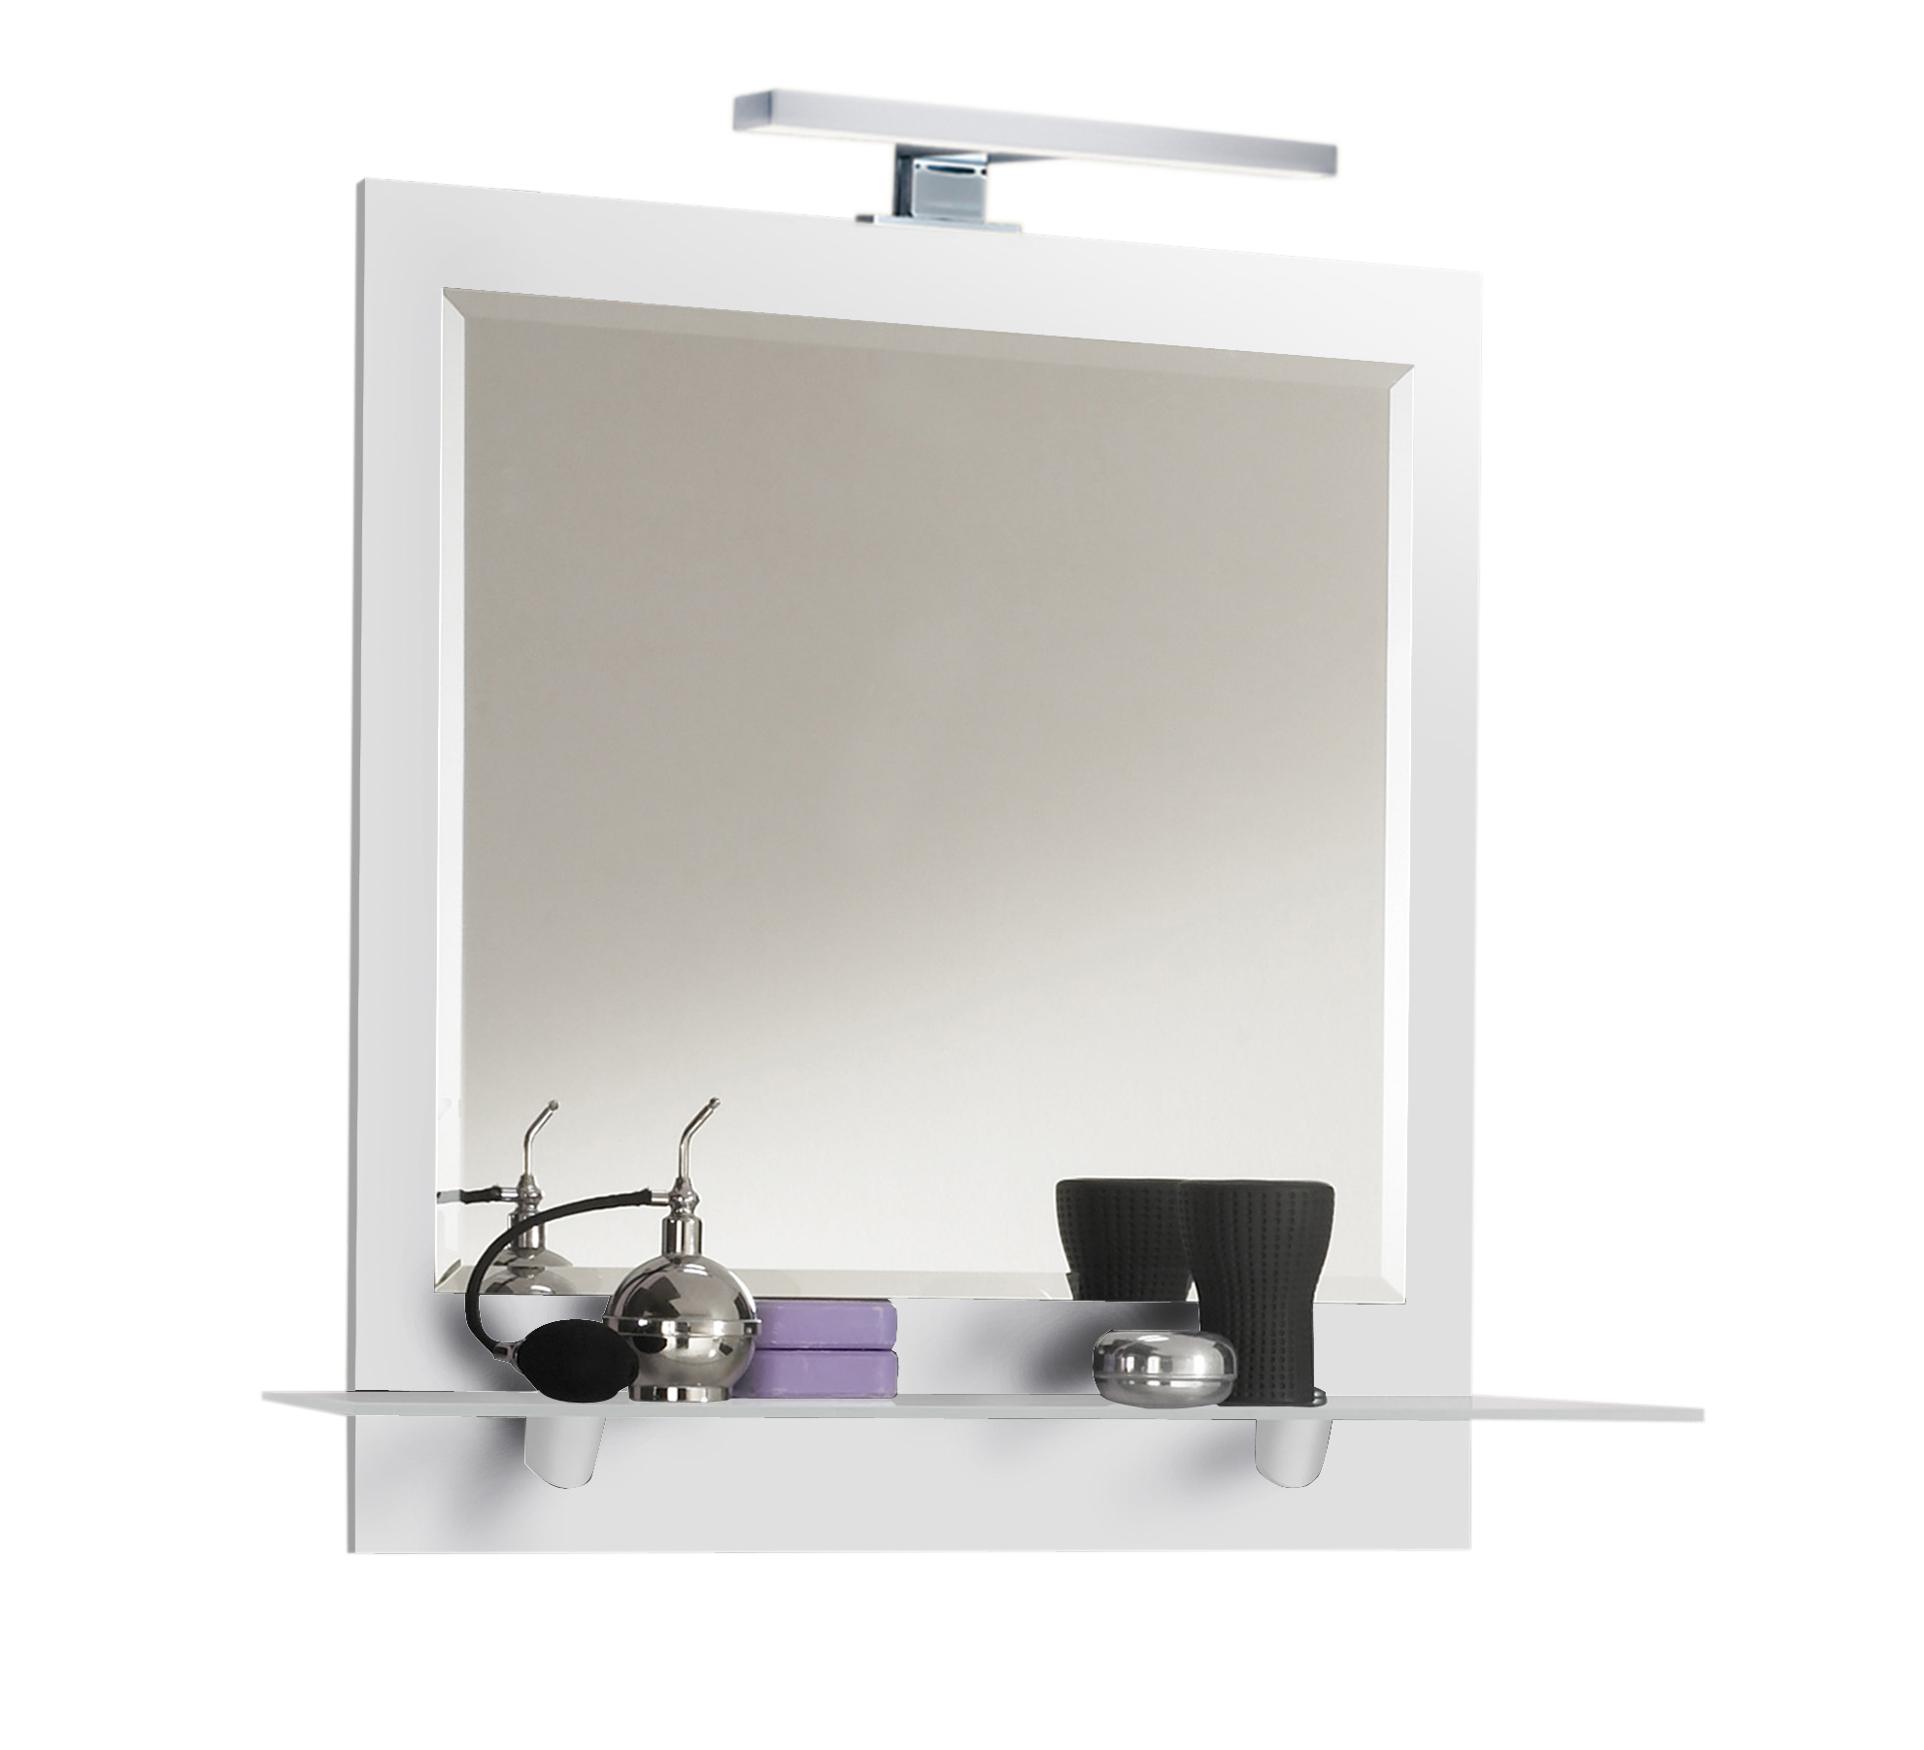 Spiegelpaneel Mit Ablage Und LED-Lampe Badezimmer-Spiegel